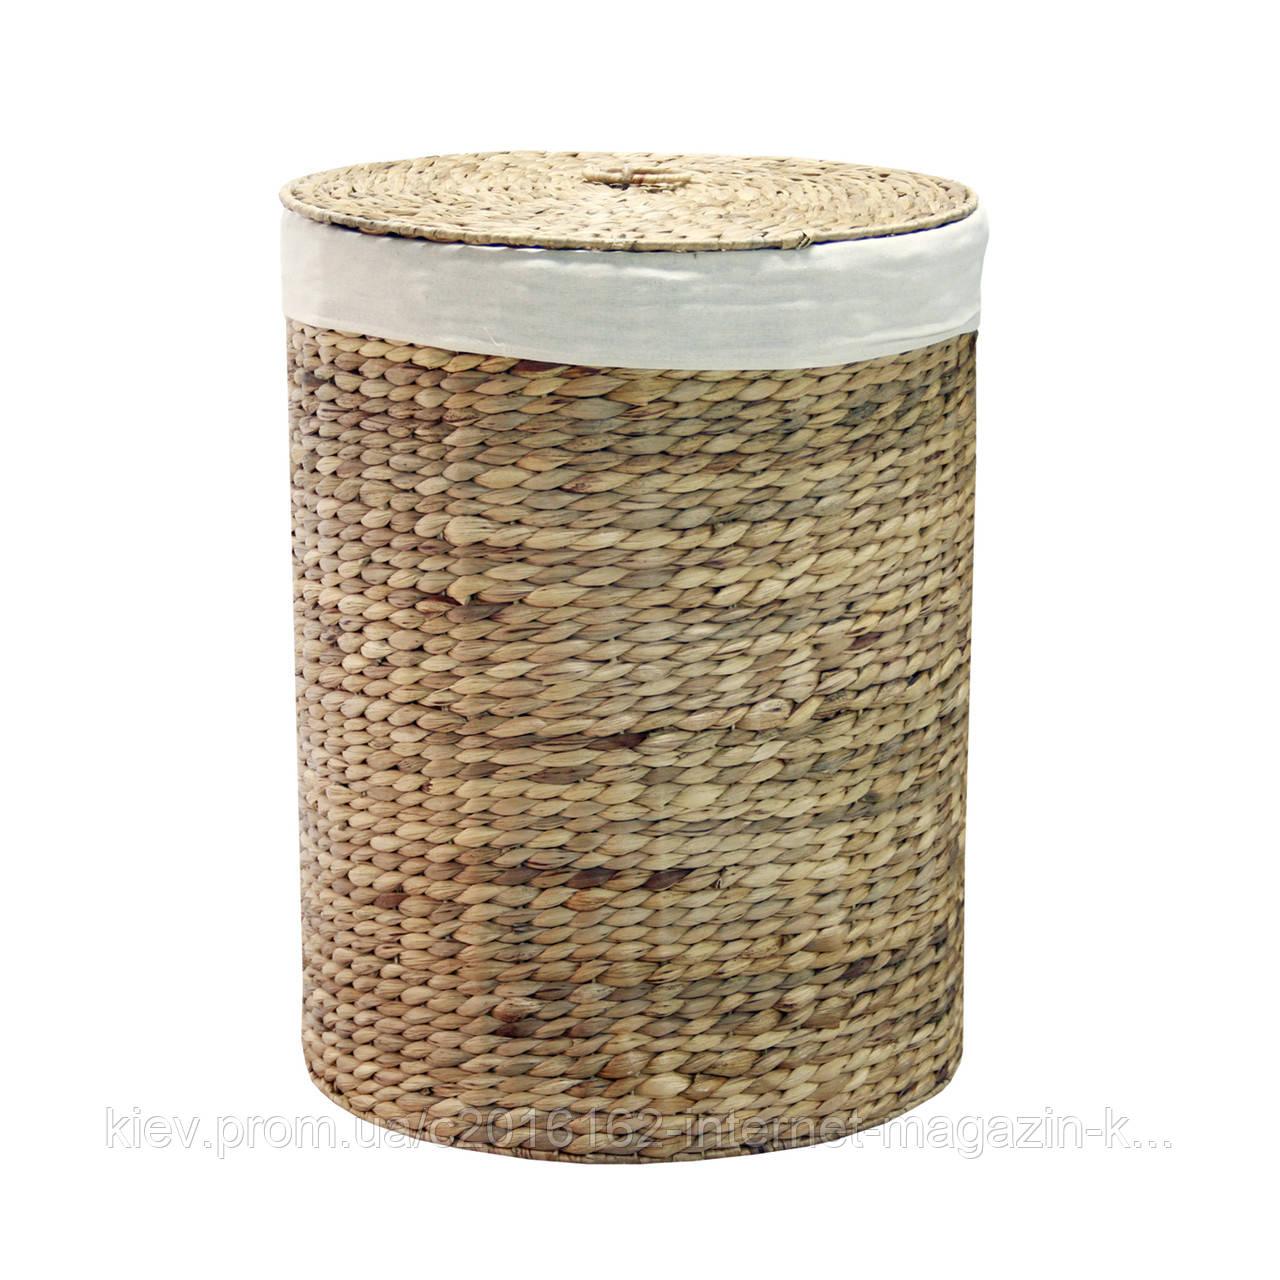 Корзинка для белья круглая плетеная с крышкой Home4You MAYA-1  D42xH55cm  natural